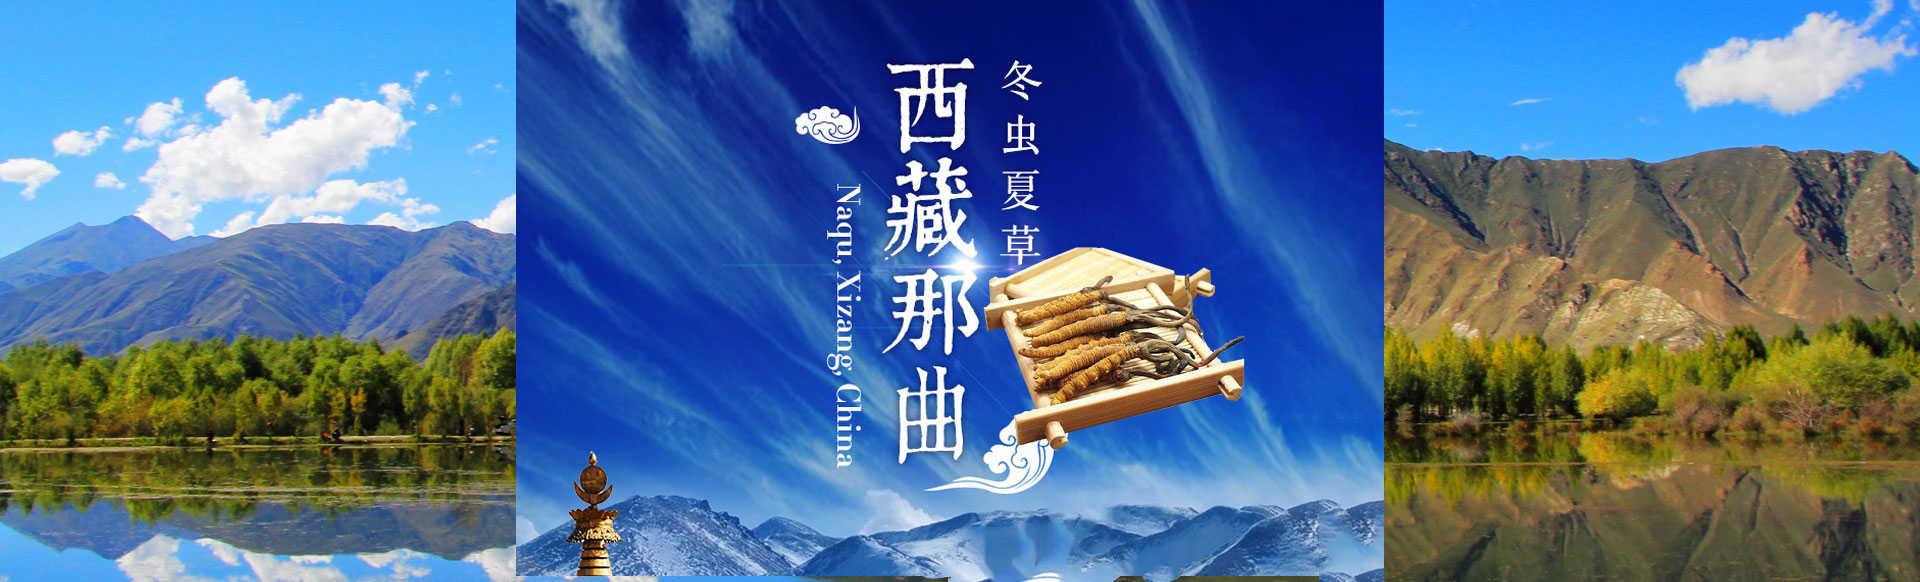 天然藏红花批发_林芝植物原药材货源-林芝藏芝缘商贸秒速赛车是真的吗